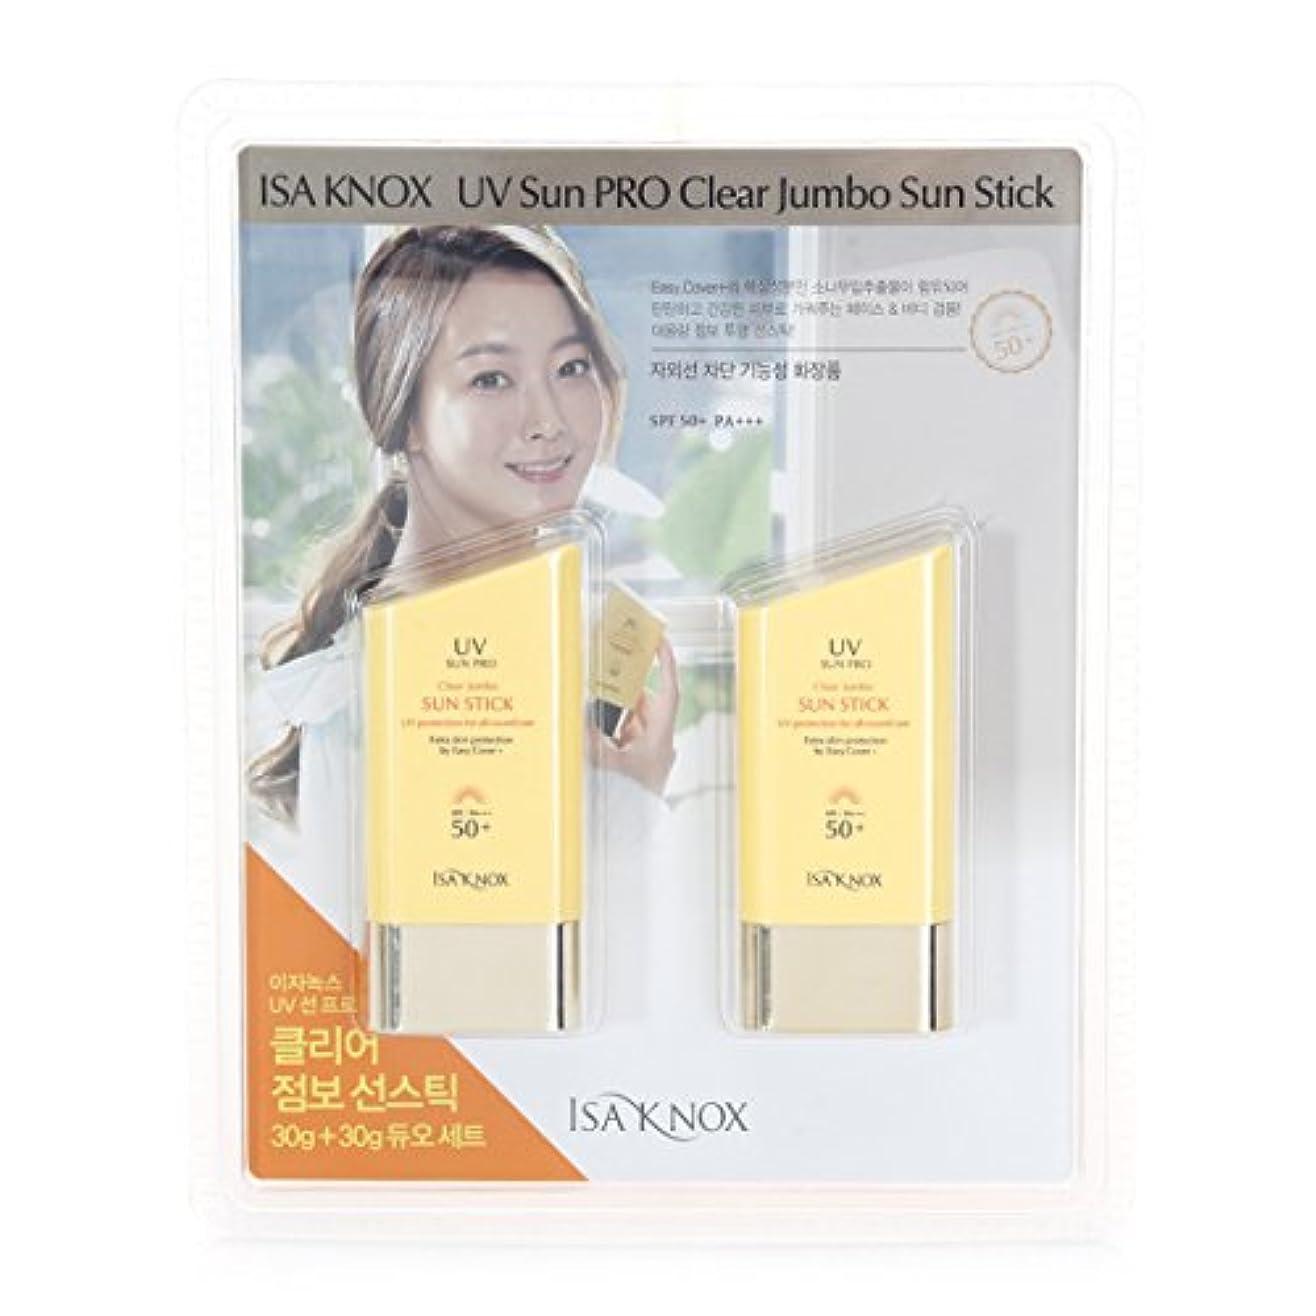 軍艦後ろに部族[イザノックス / ISA KNOX] UVサンプロクリアジャンボサンスティック 30g×2個セット / ISA KNOX Sun Pro Clear Jumbo Sun Stick / SPF50+ PA++ / クリアスティック...